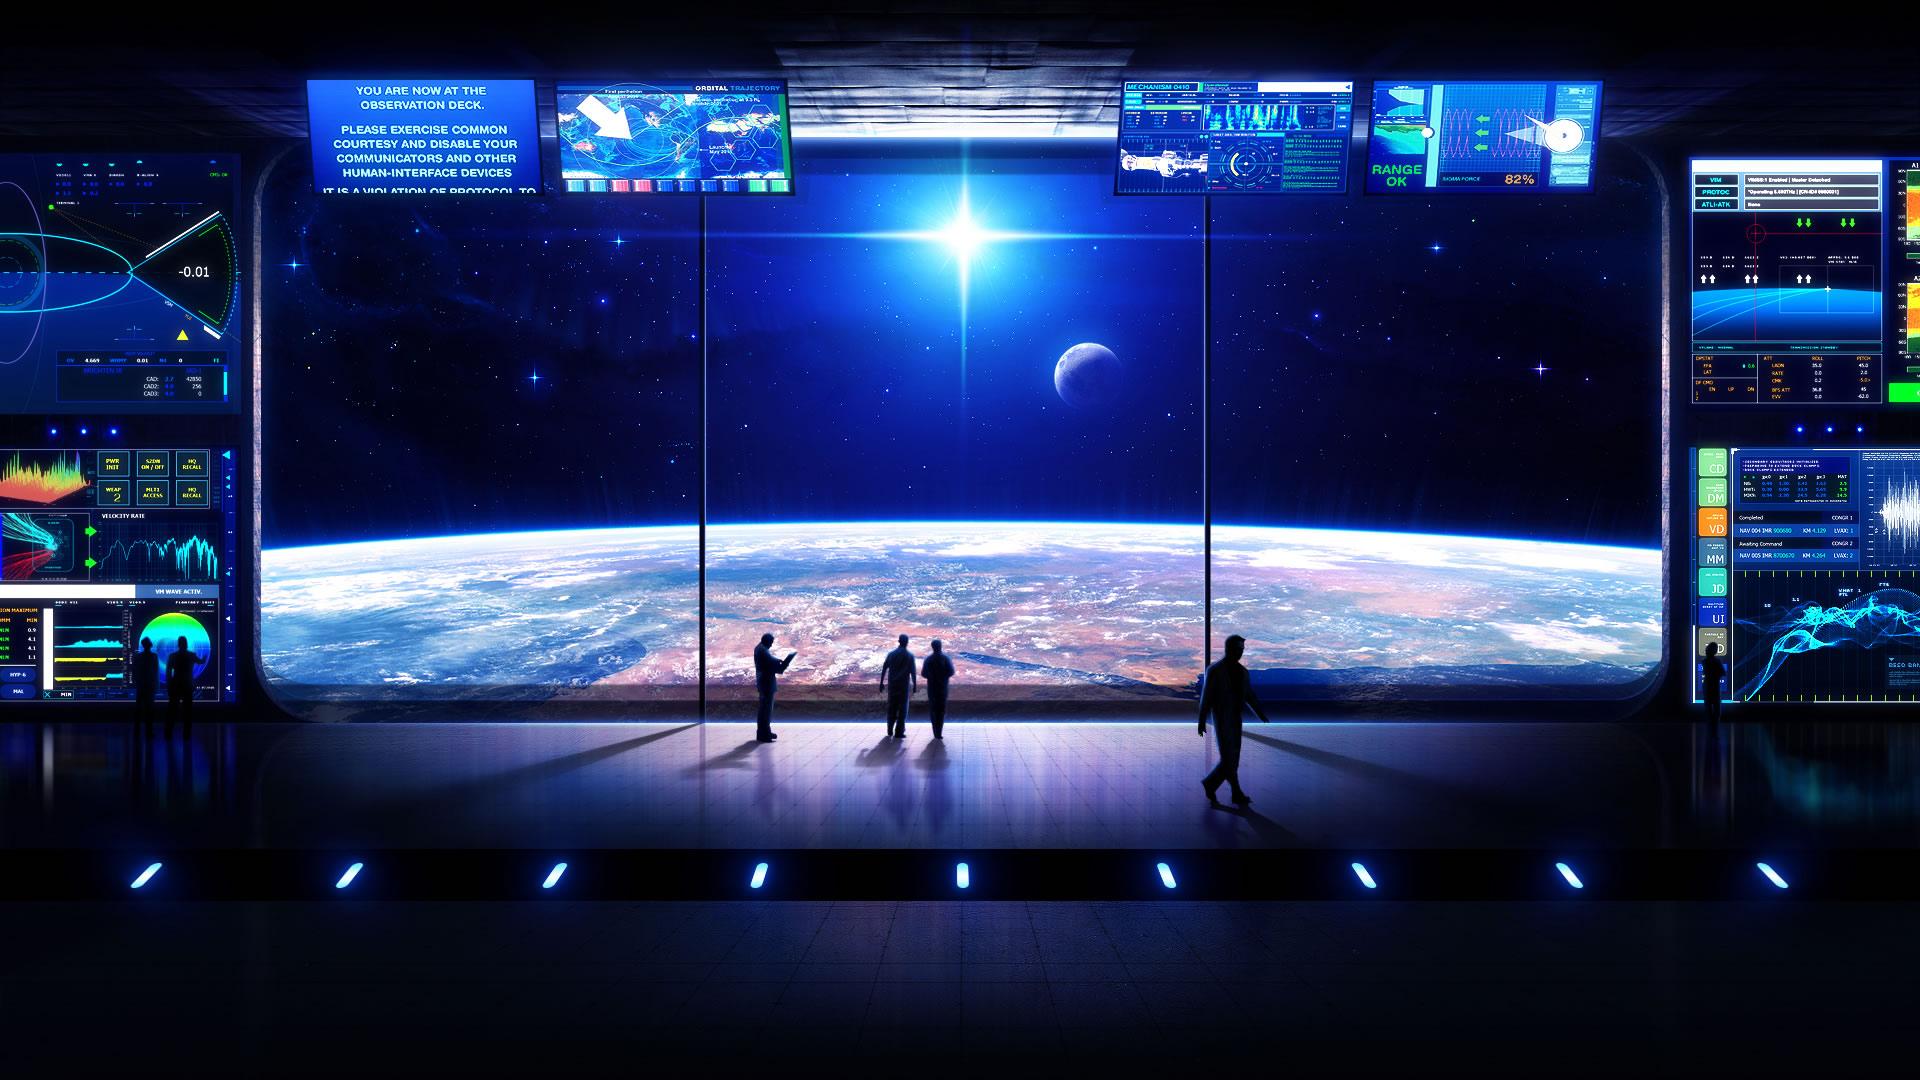 Sci Fi wallpaper   136651 1920x1080